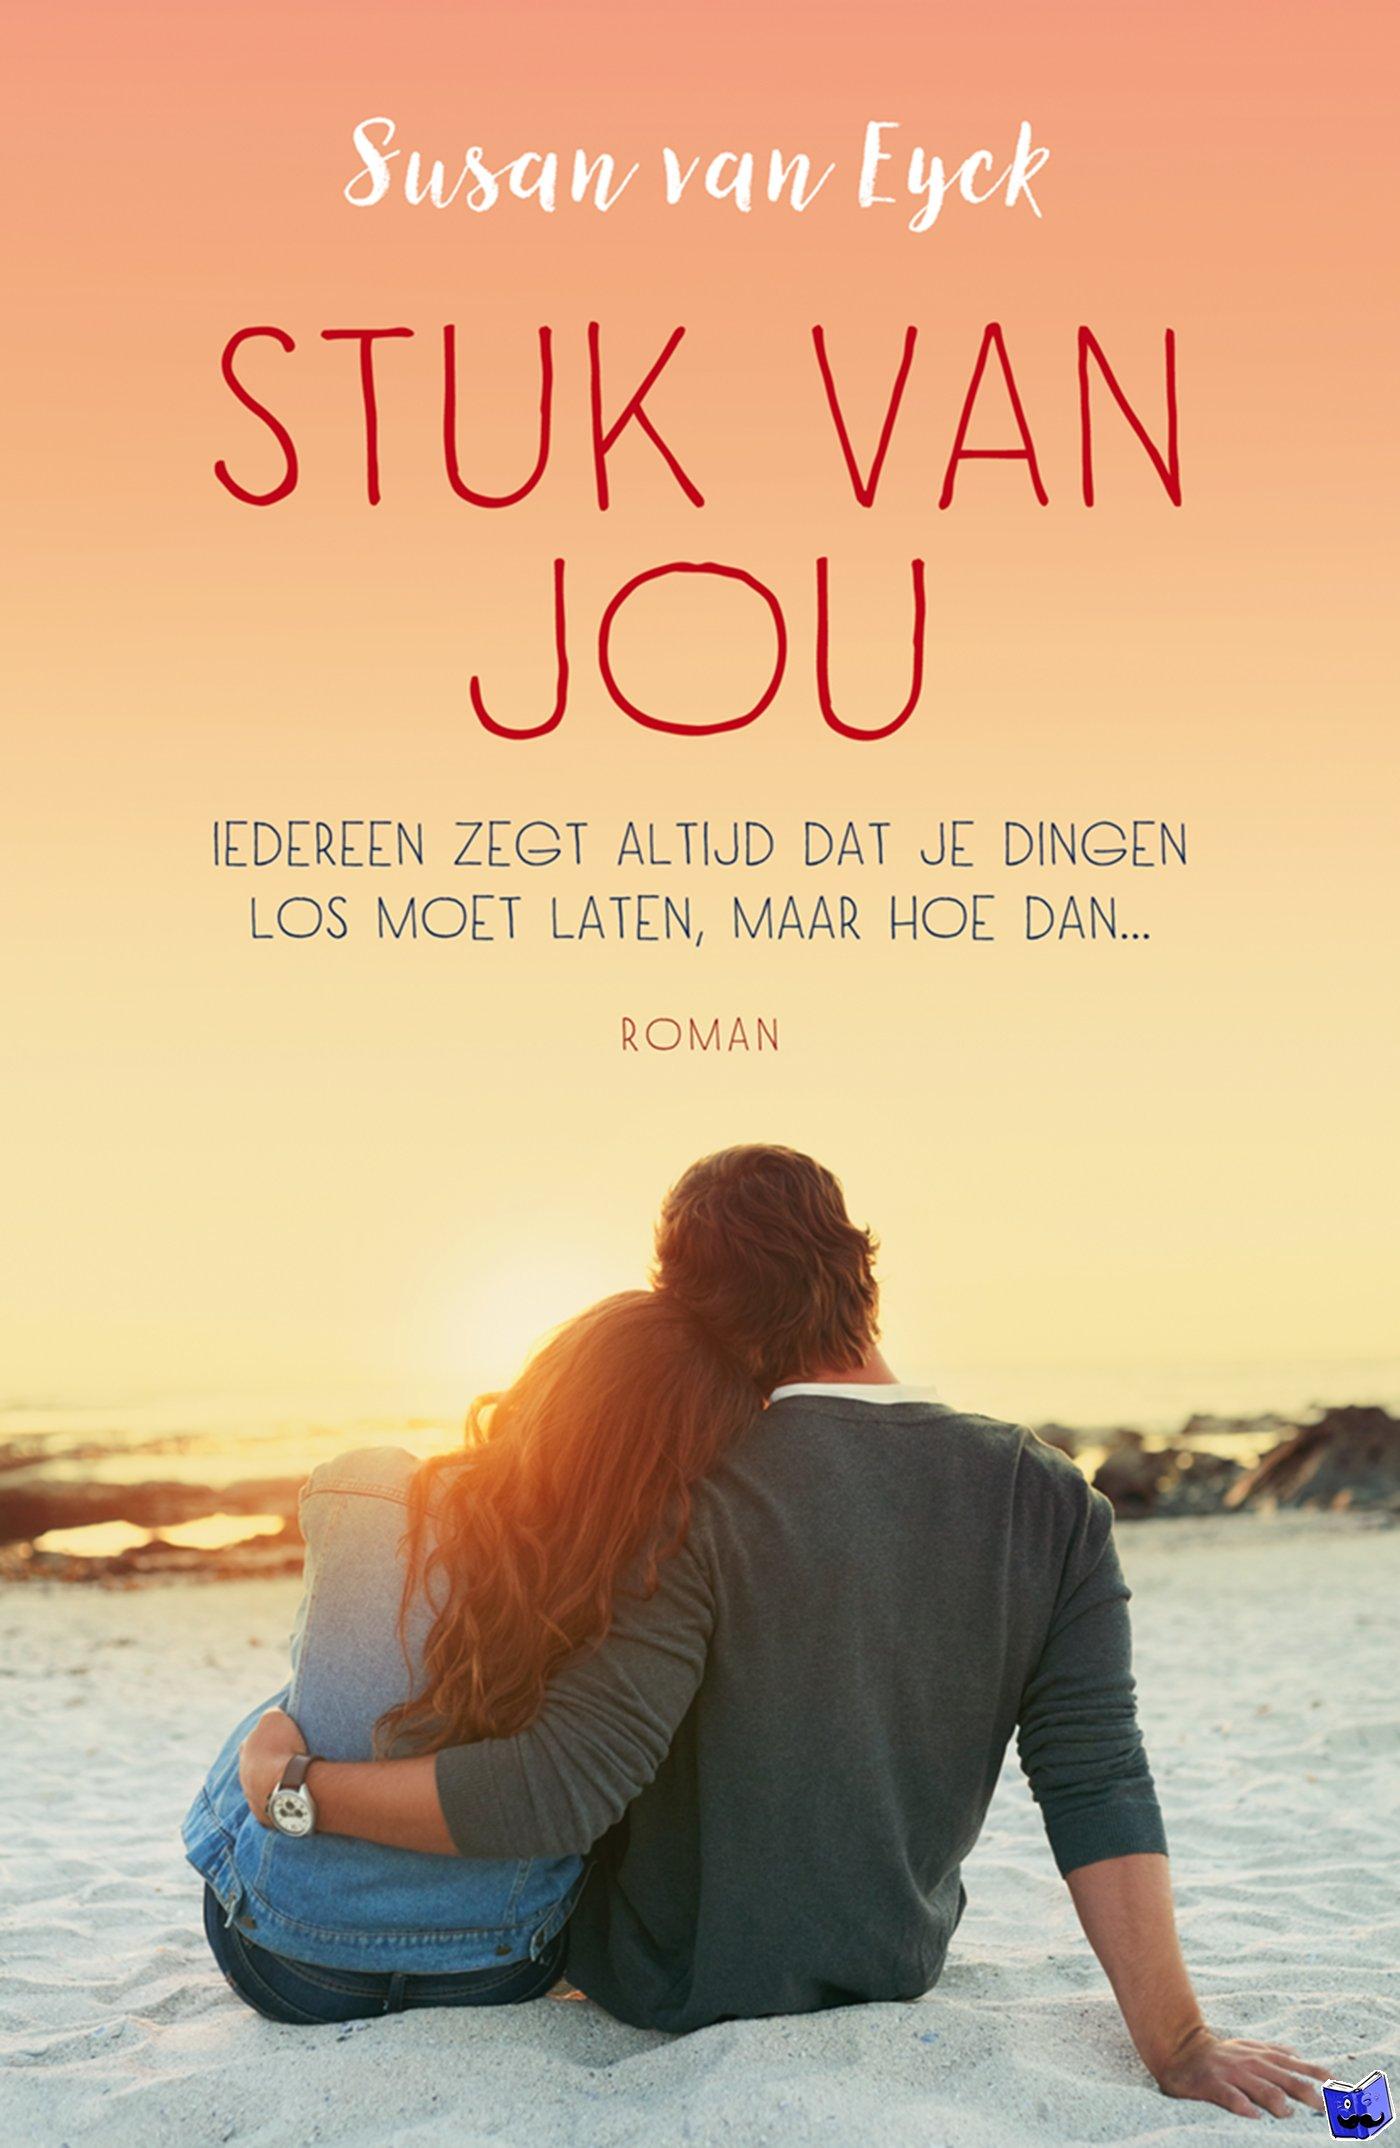 Eyck, Susan van - Stuk van jou - POD editie